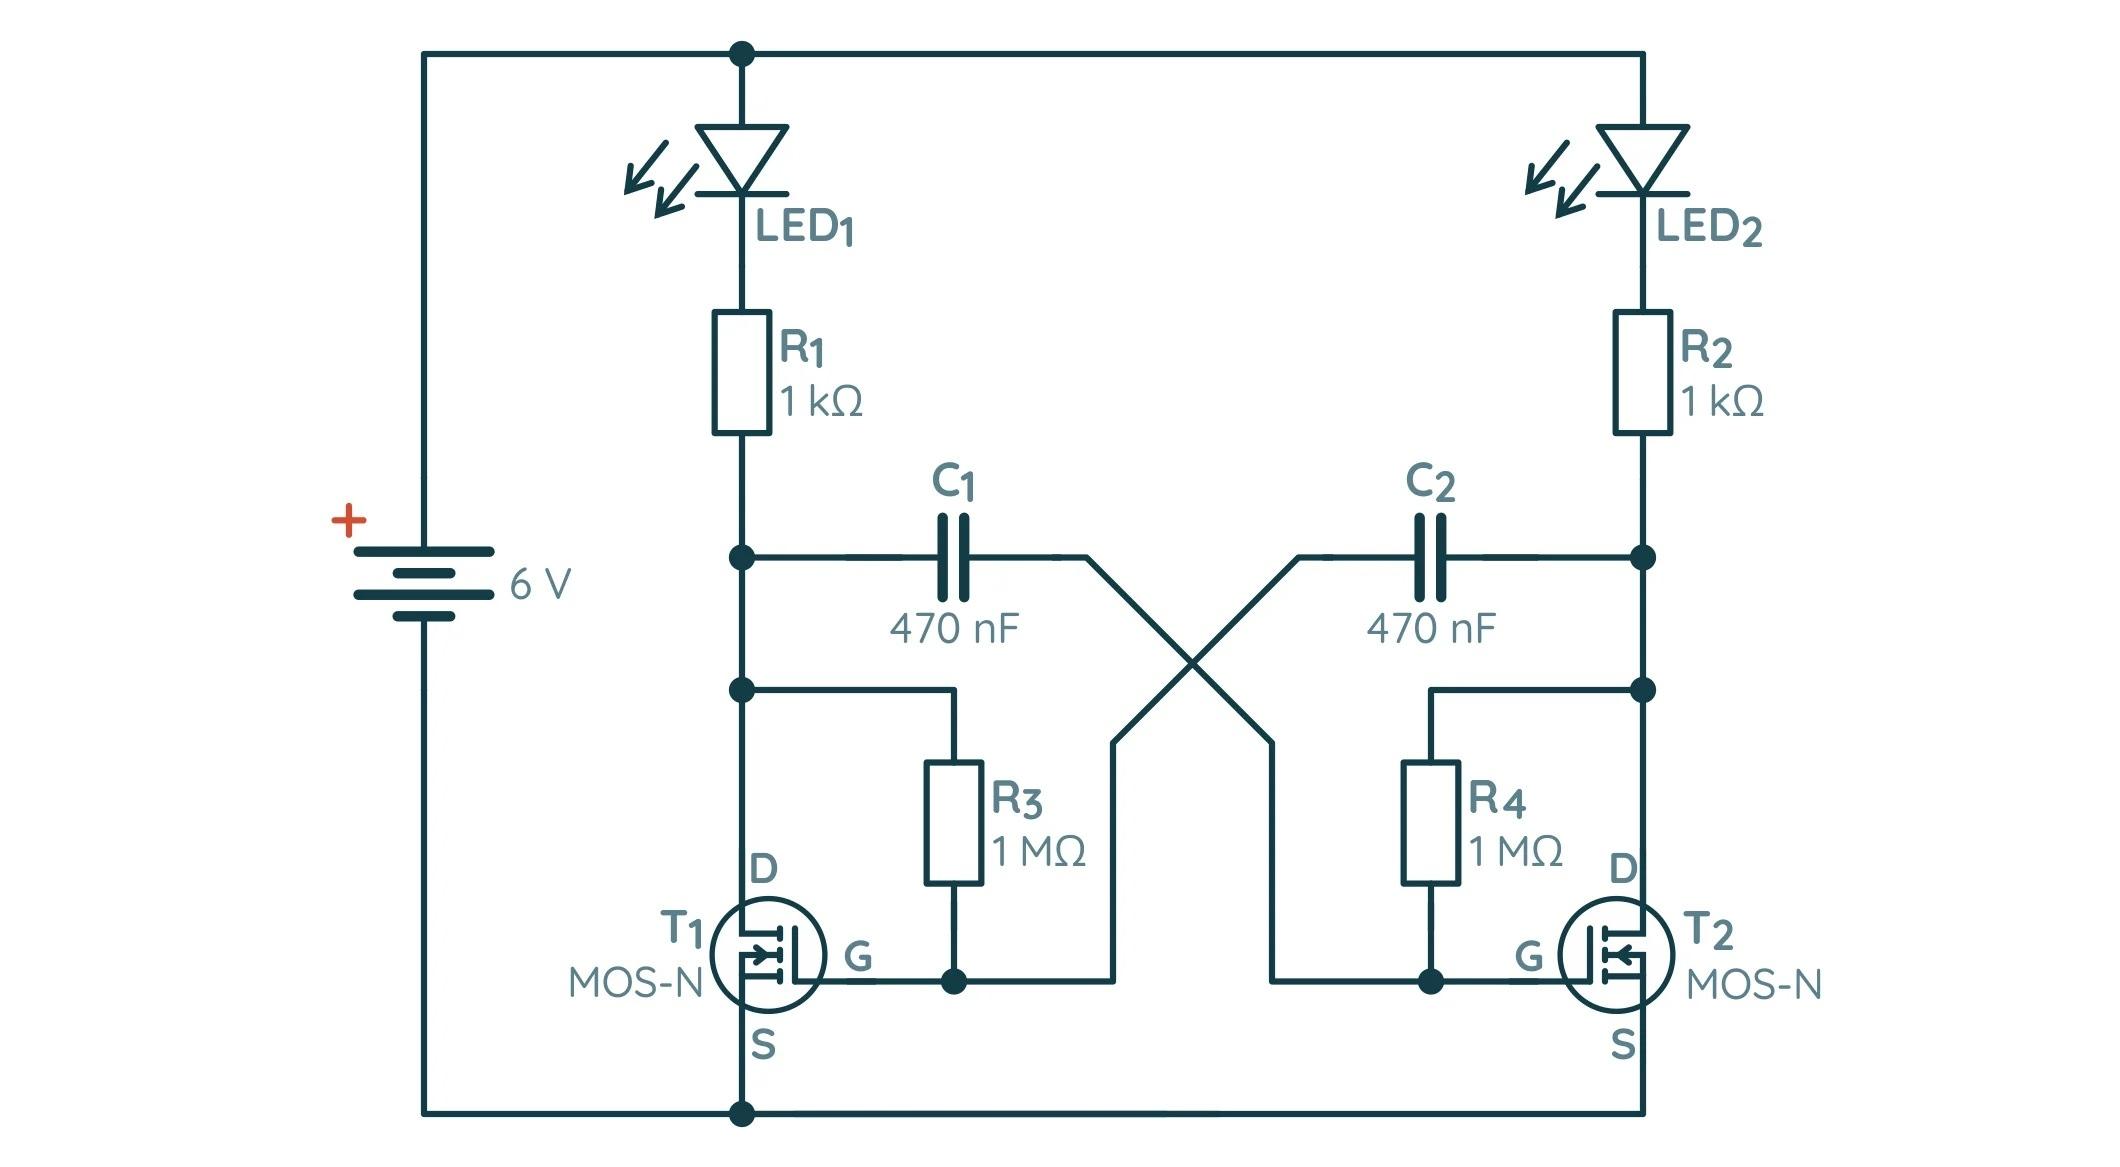 Схема нестабильного мультивибратора на MOSFET транзисторах